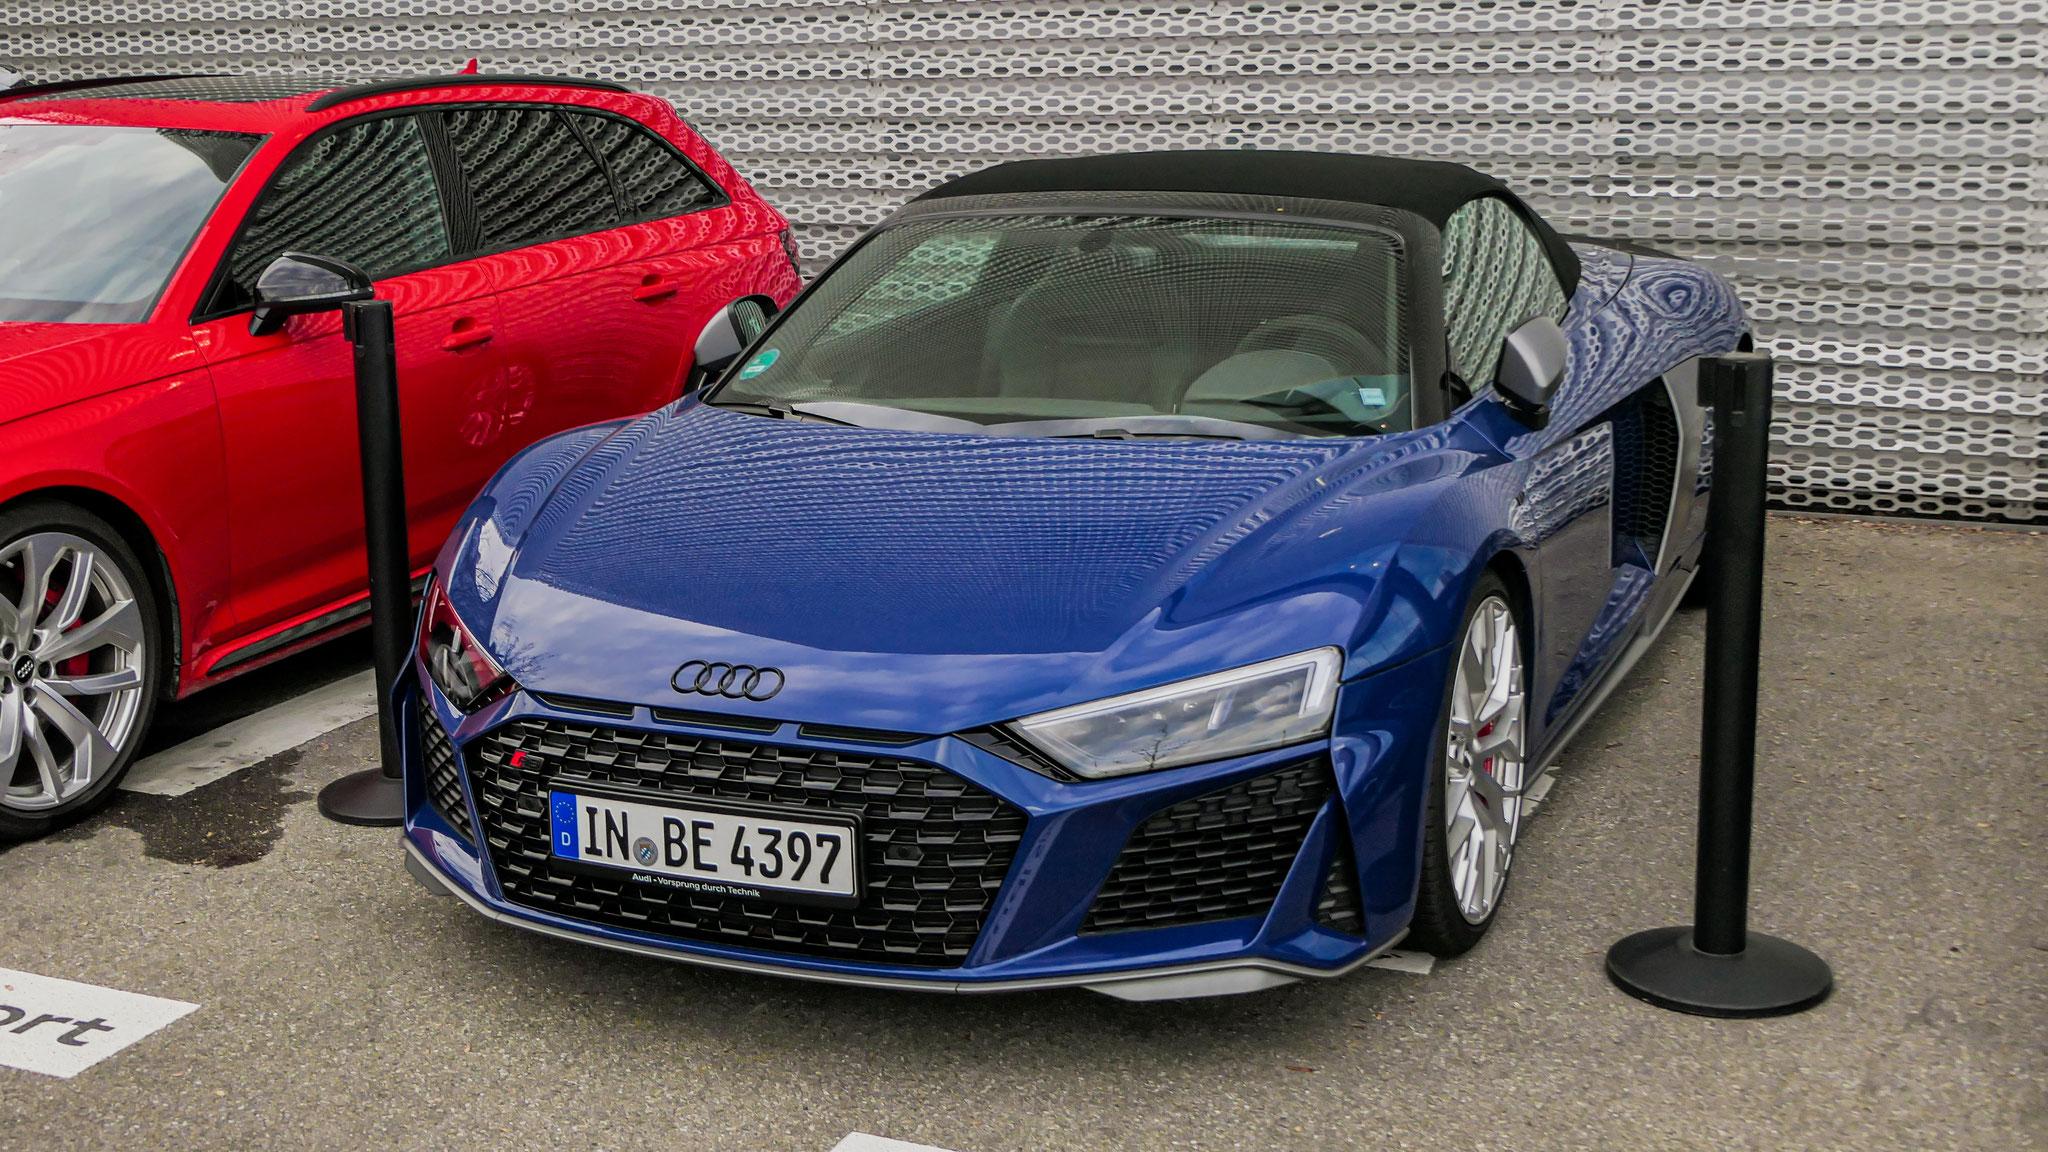 Audi R8 V10 Spyder - IN-BE-4397